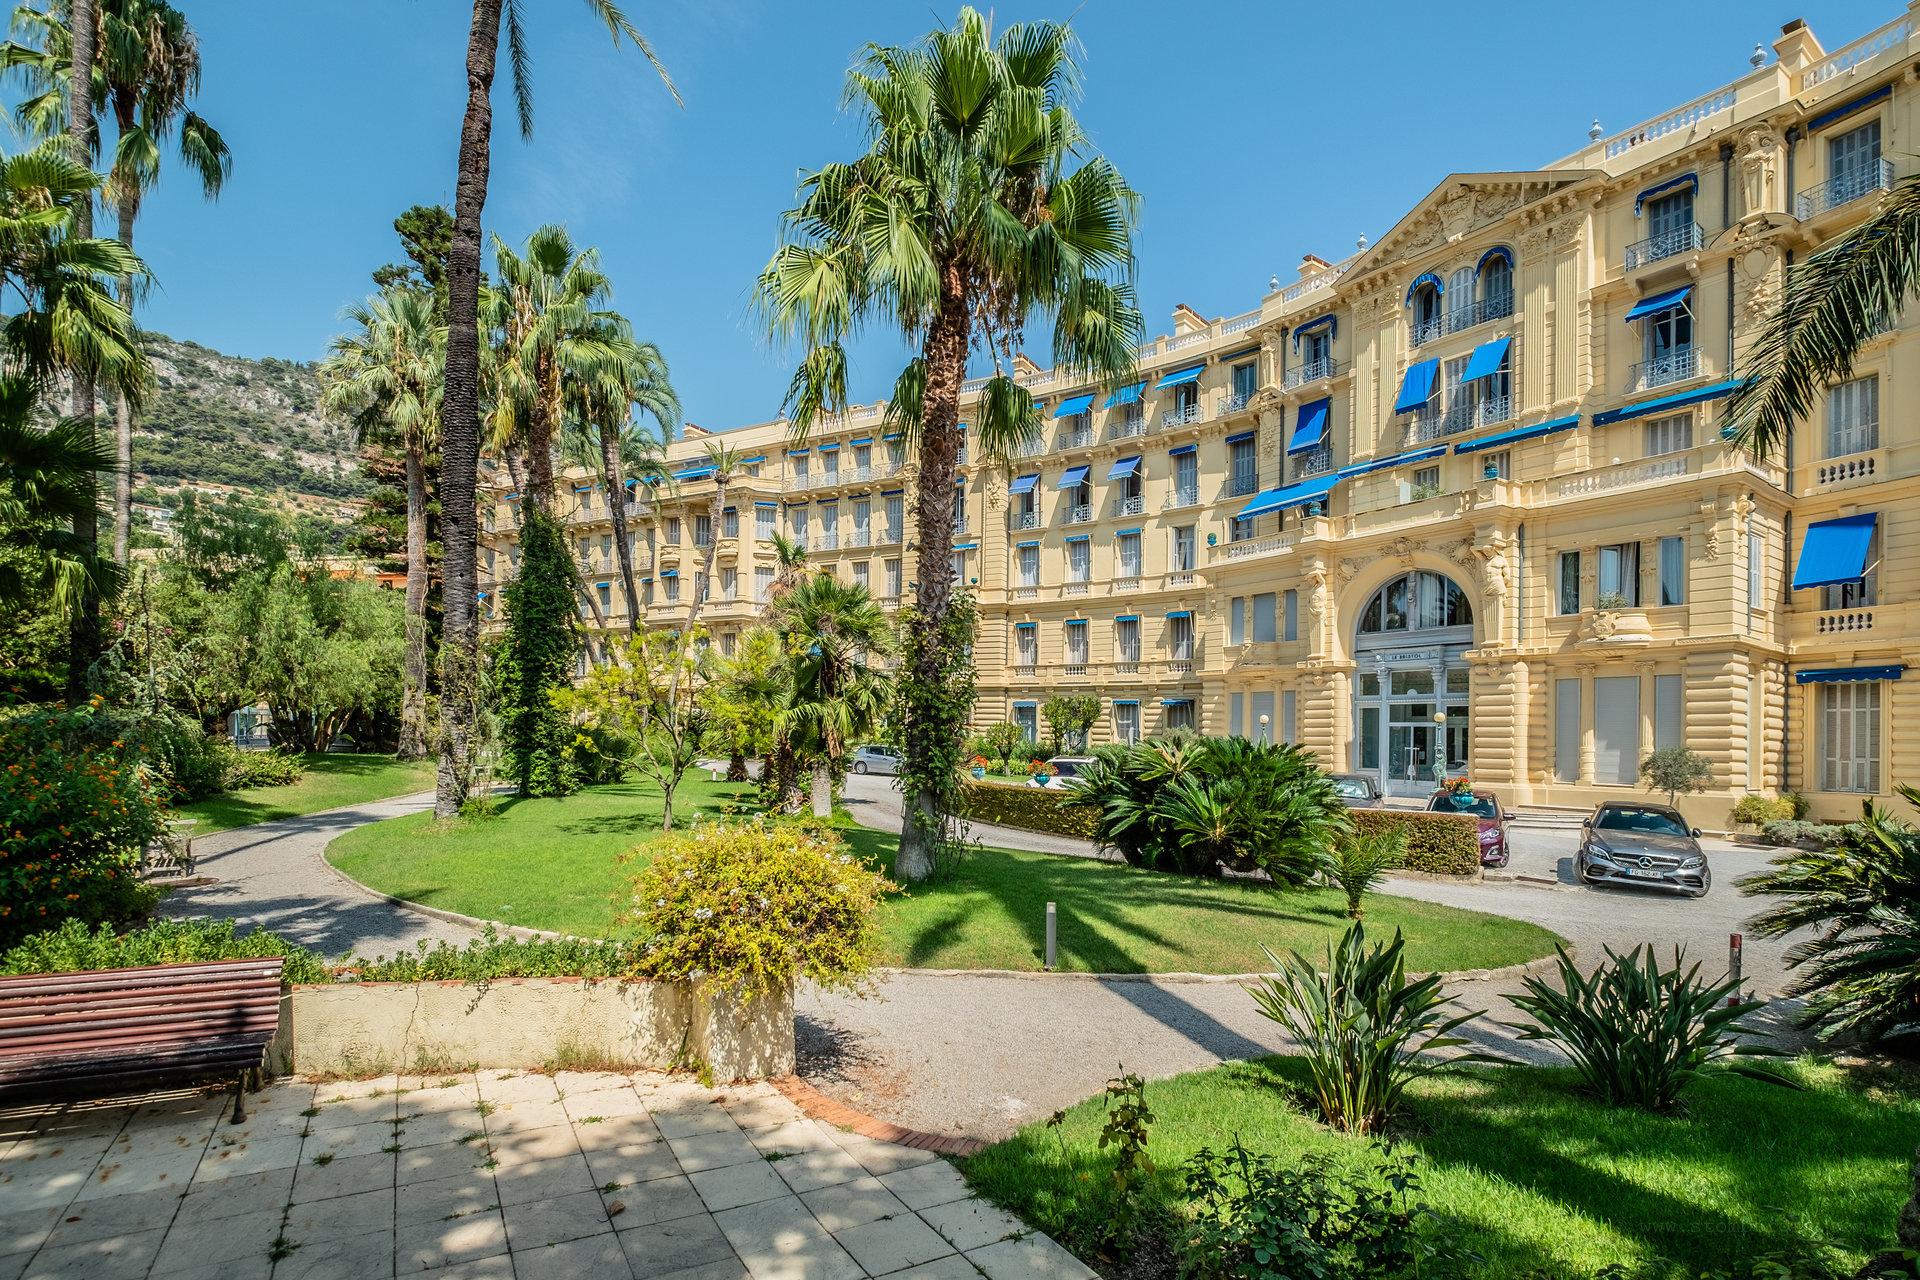 DANS HOTEL PARTICULIER - BEAULIEU-SUR-MER